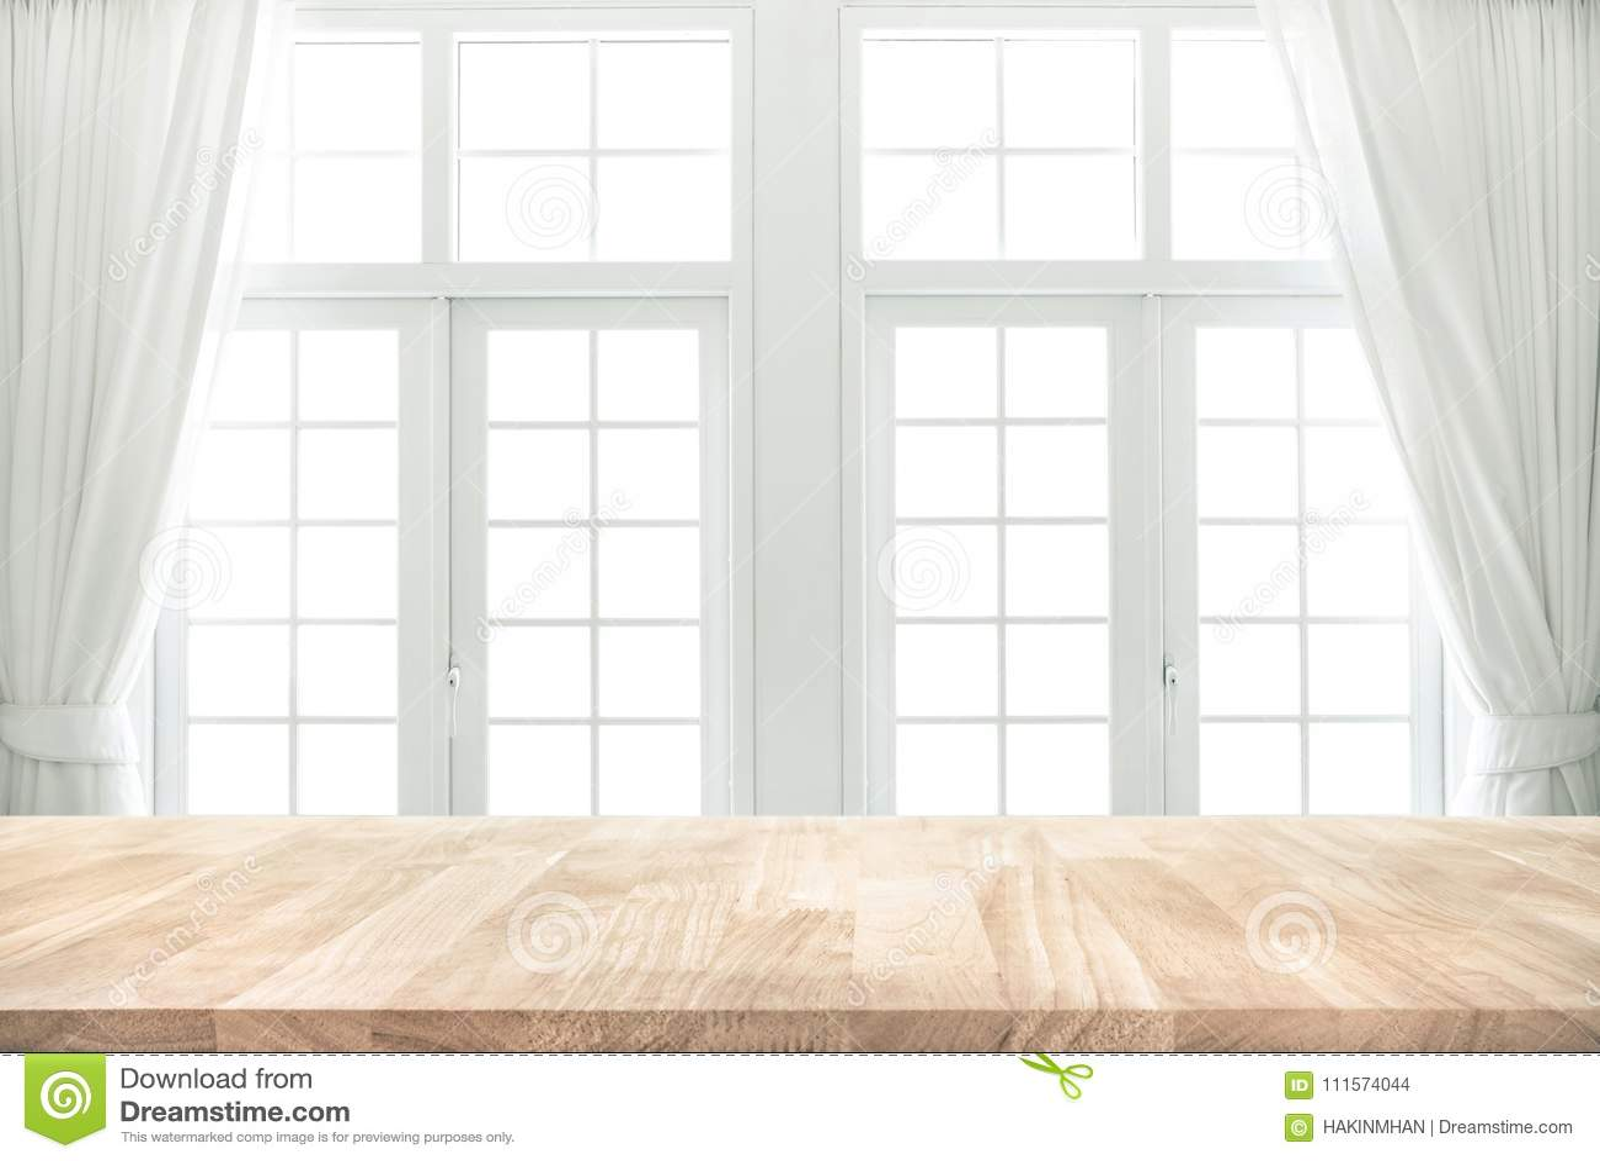 Dessus de table en bois sur la tache floue de la fenêtre blanche avec le fond de rideau